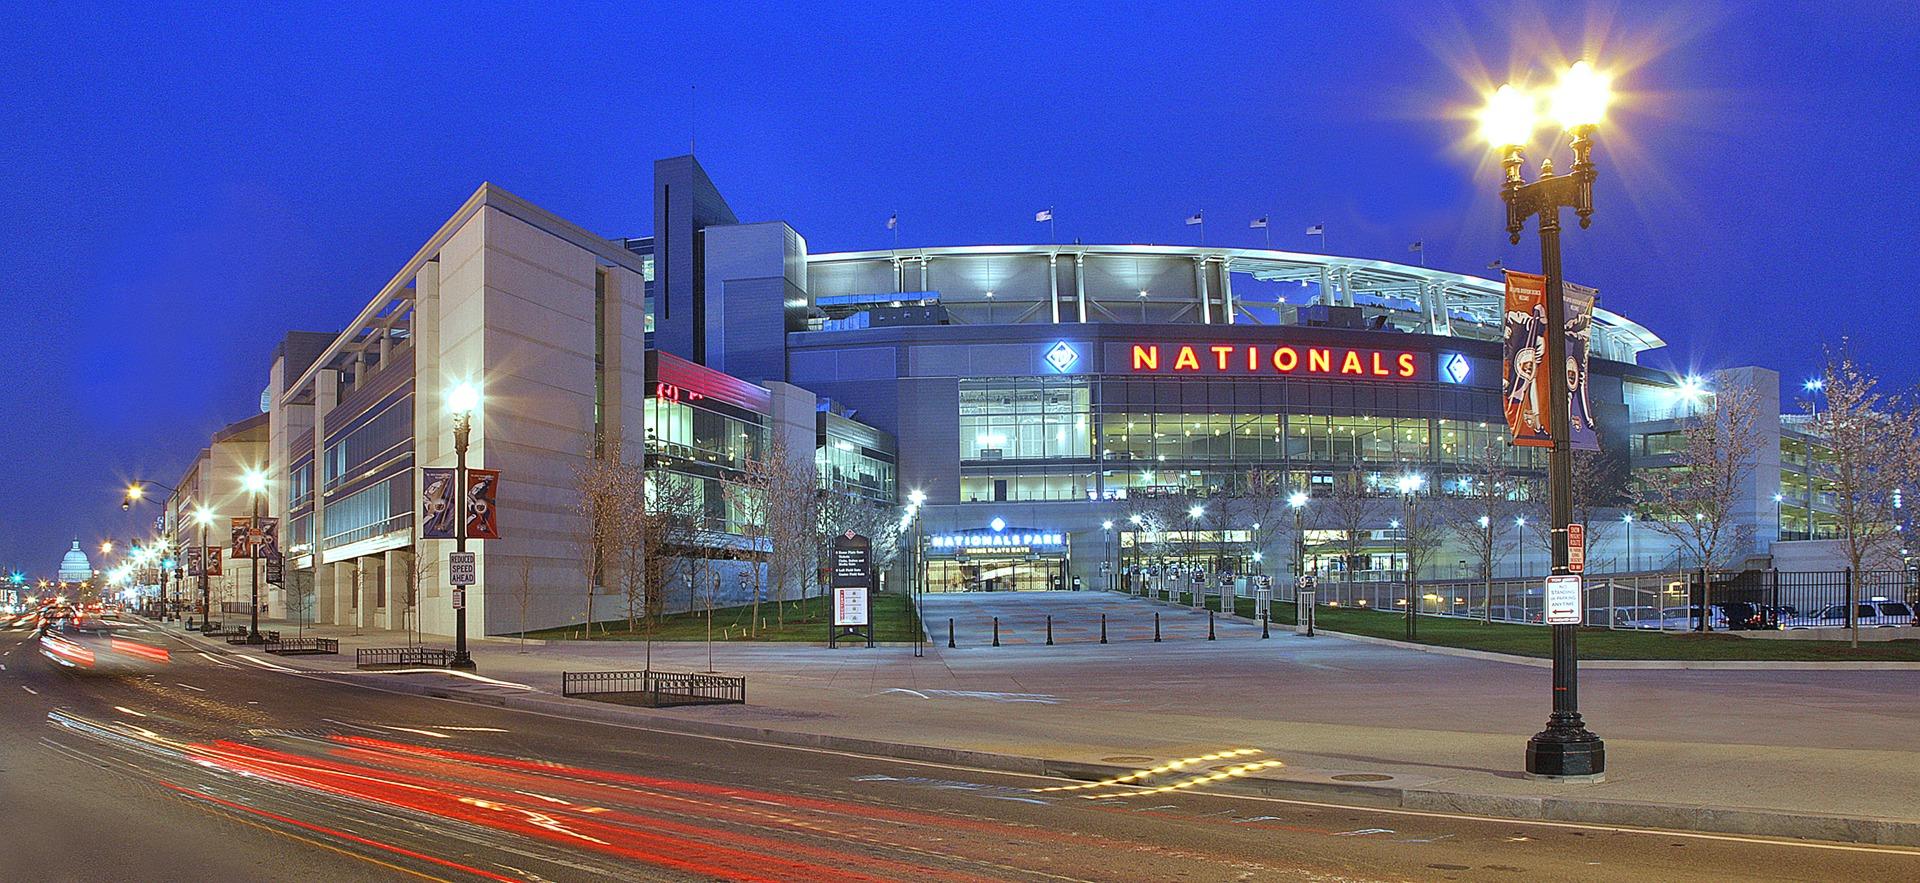 Washington Nationals Baseball Stadium - Sheet1